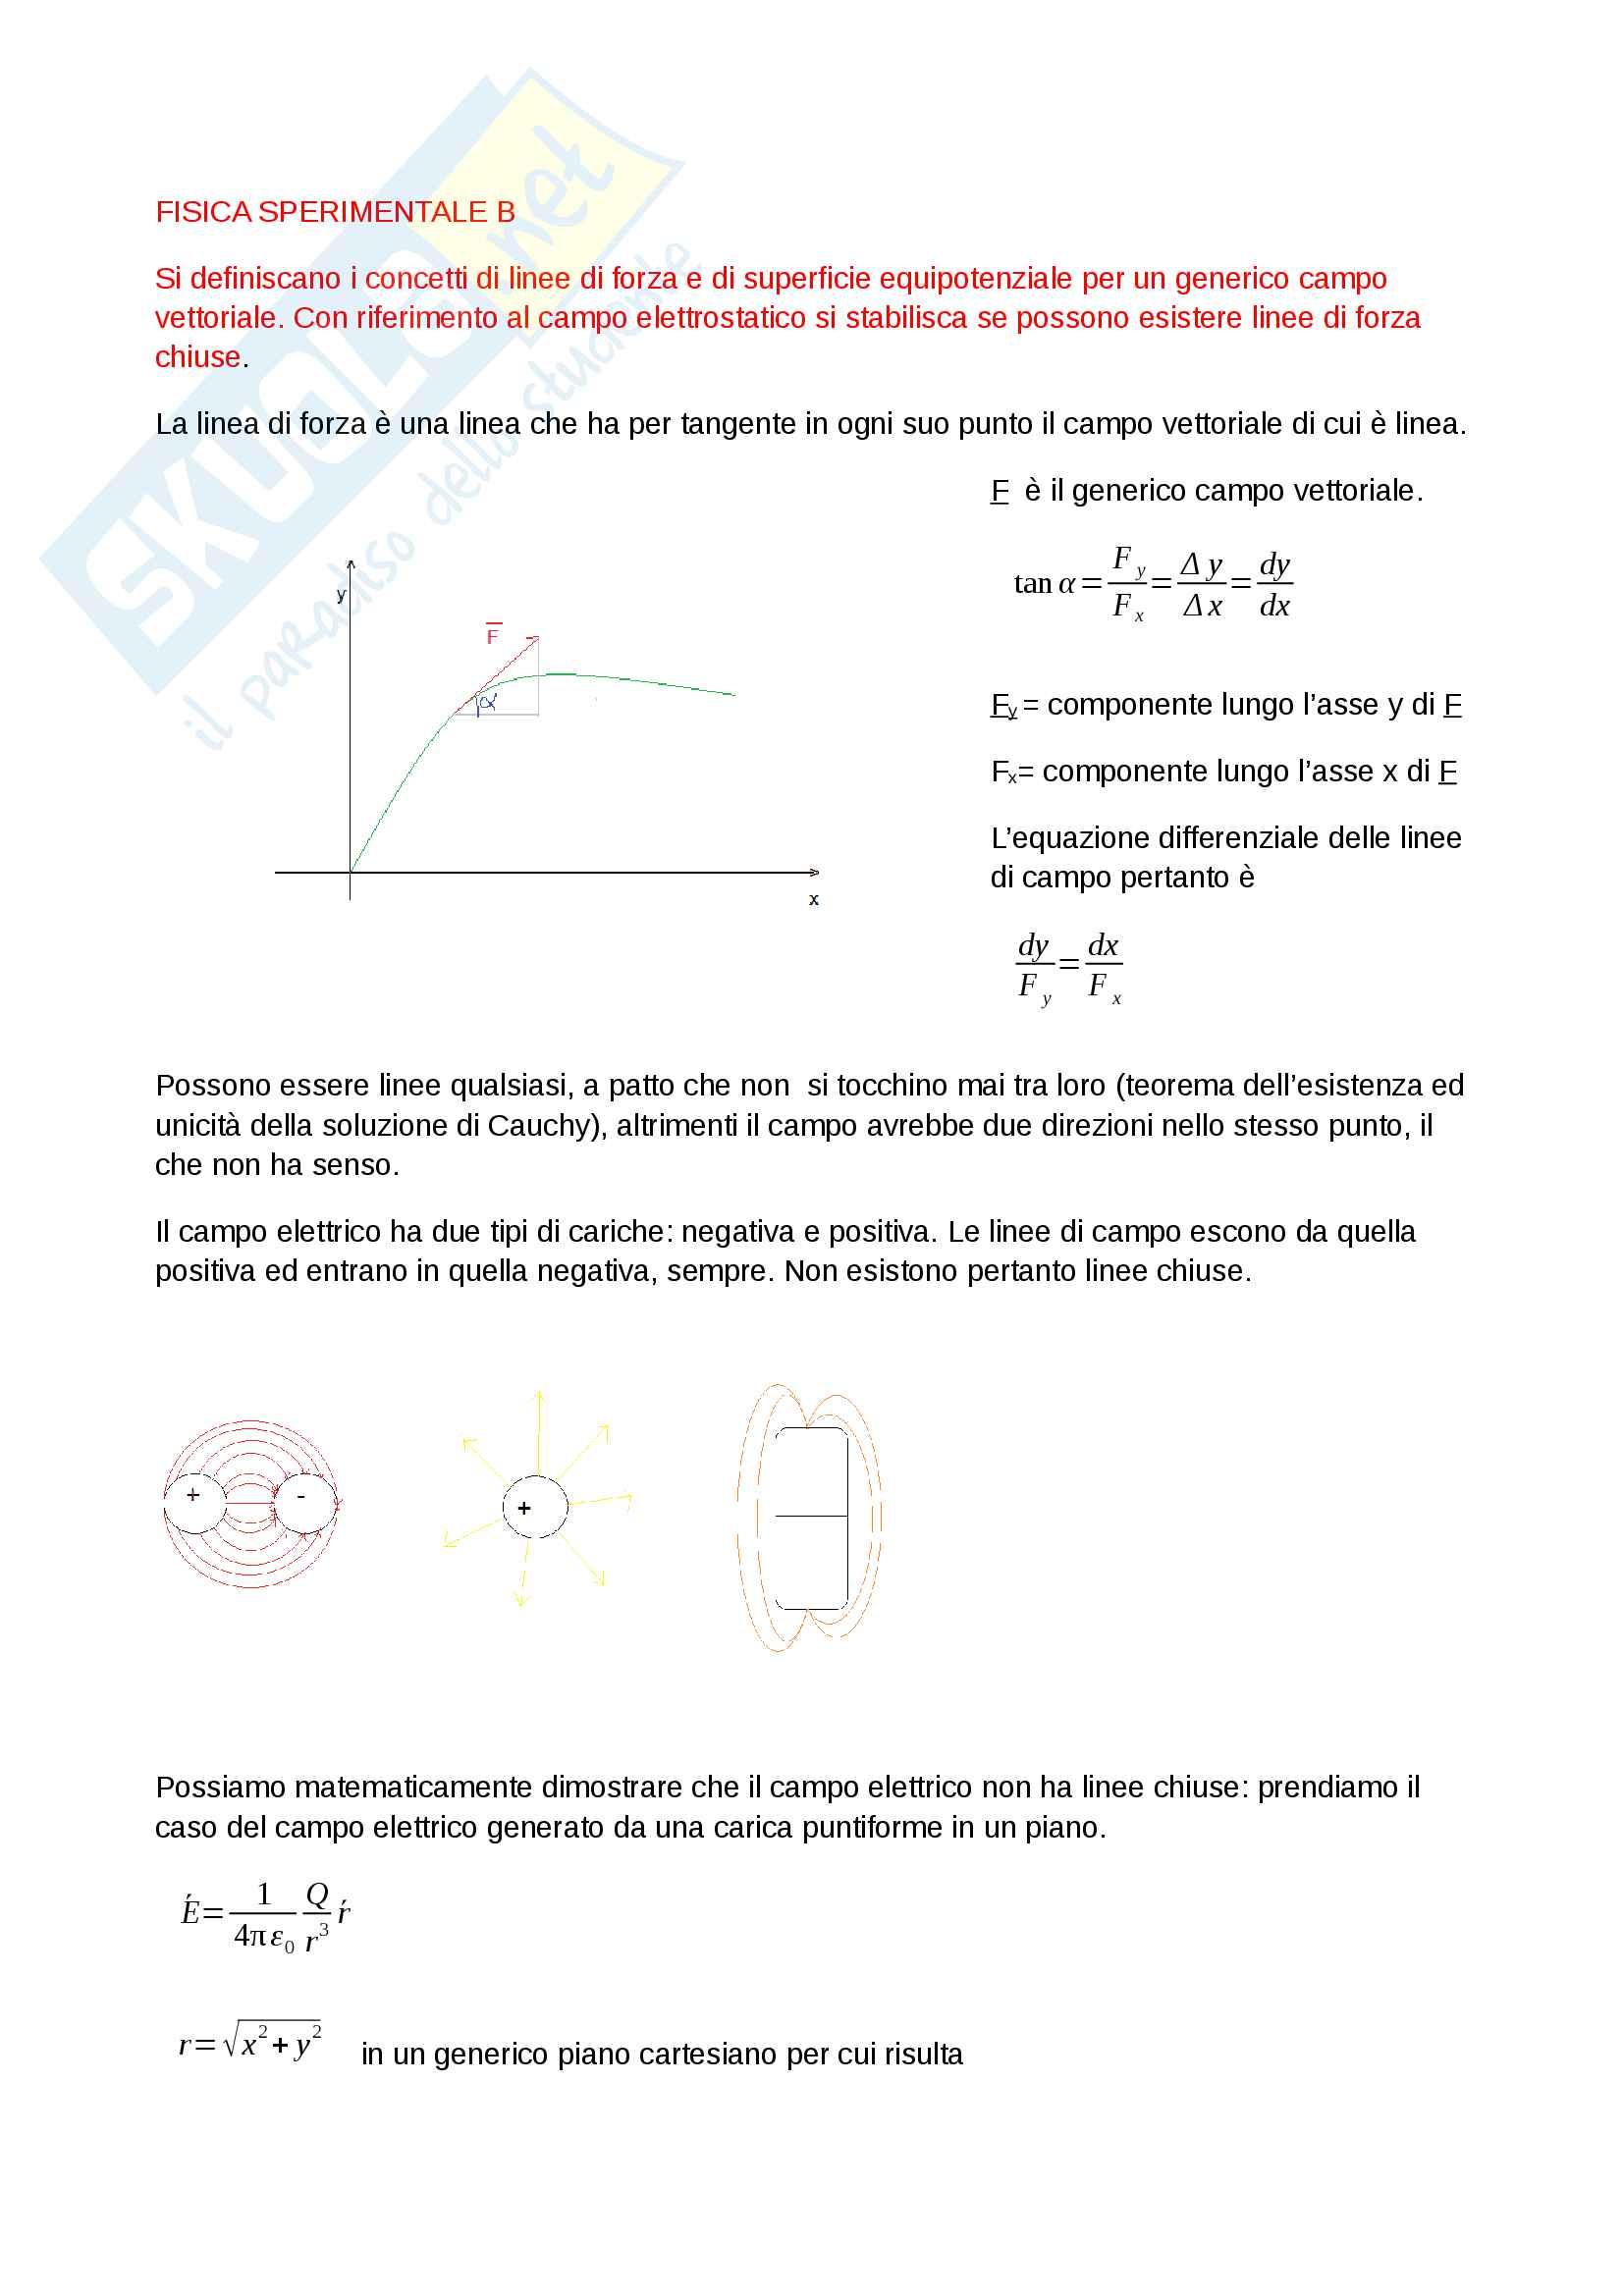 Fisica sperimentale B